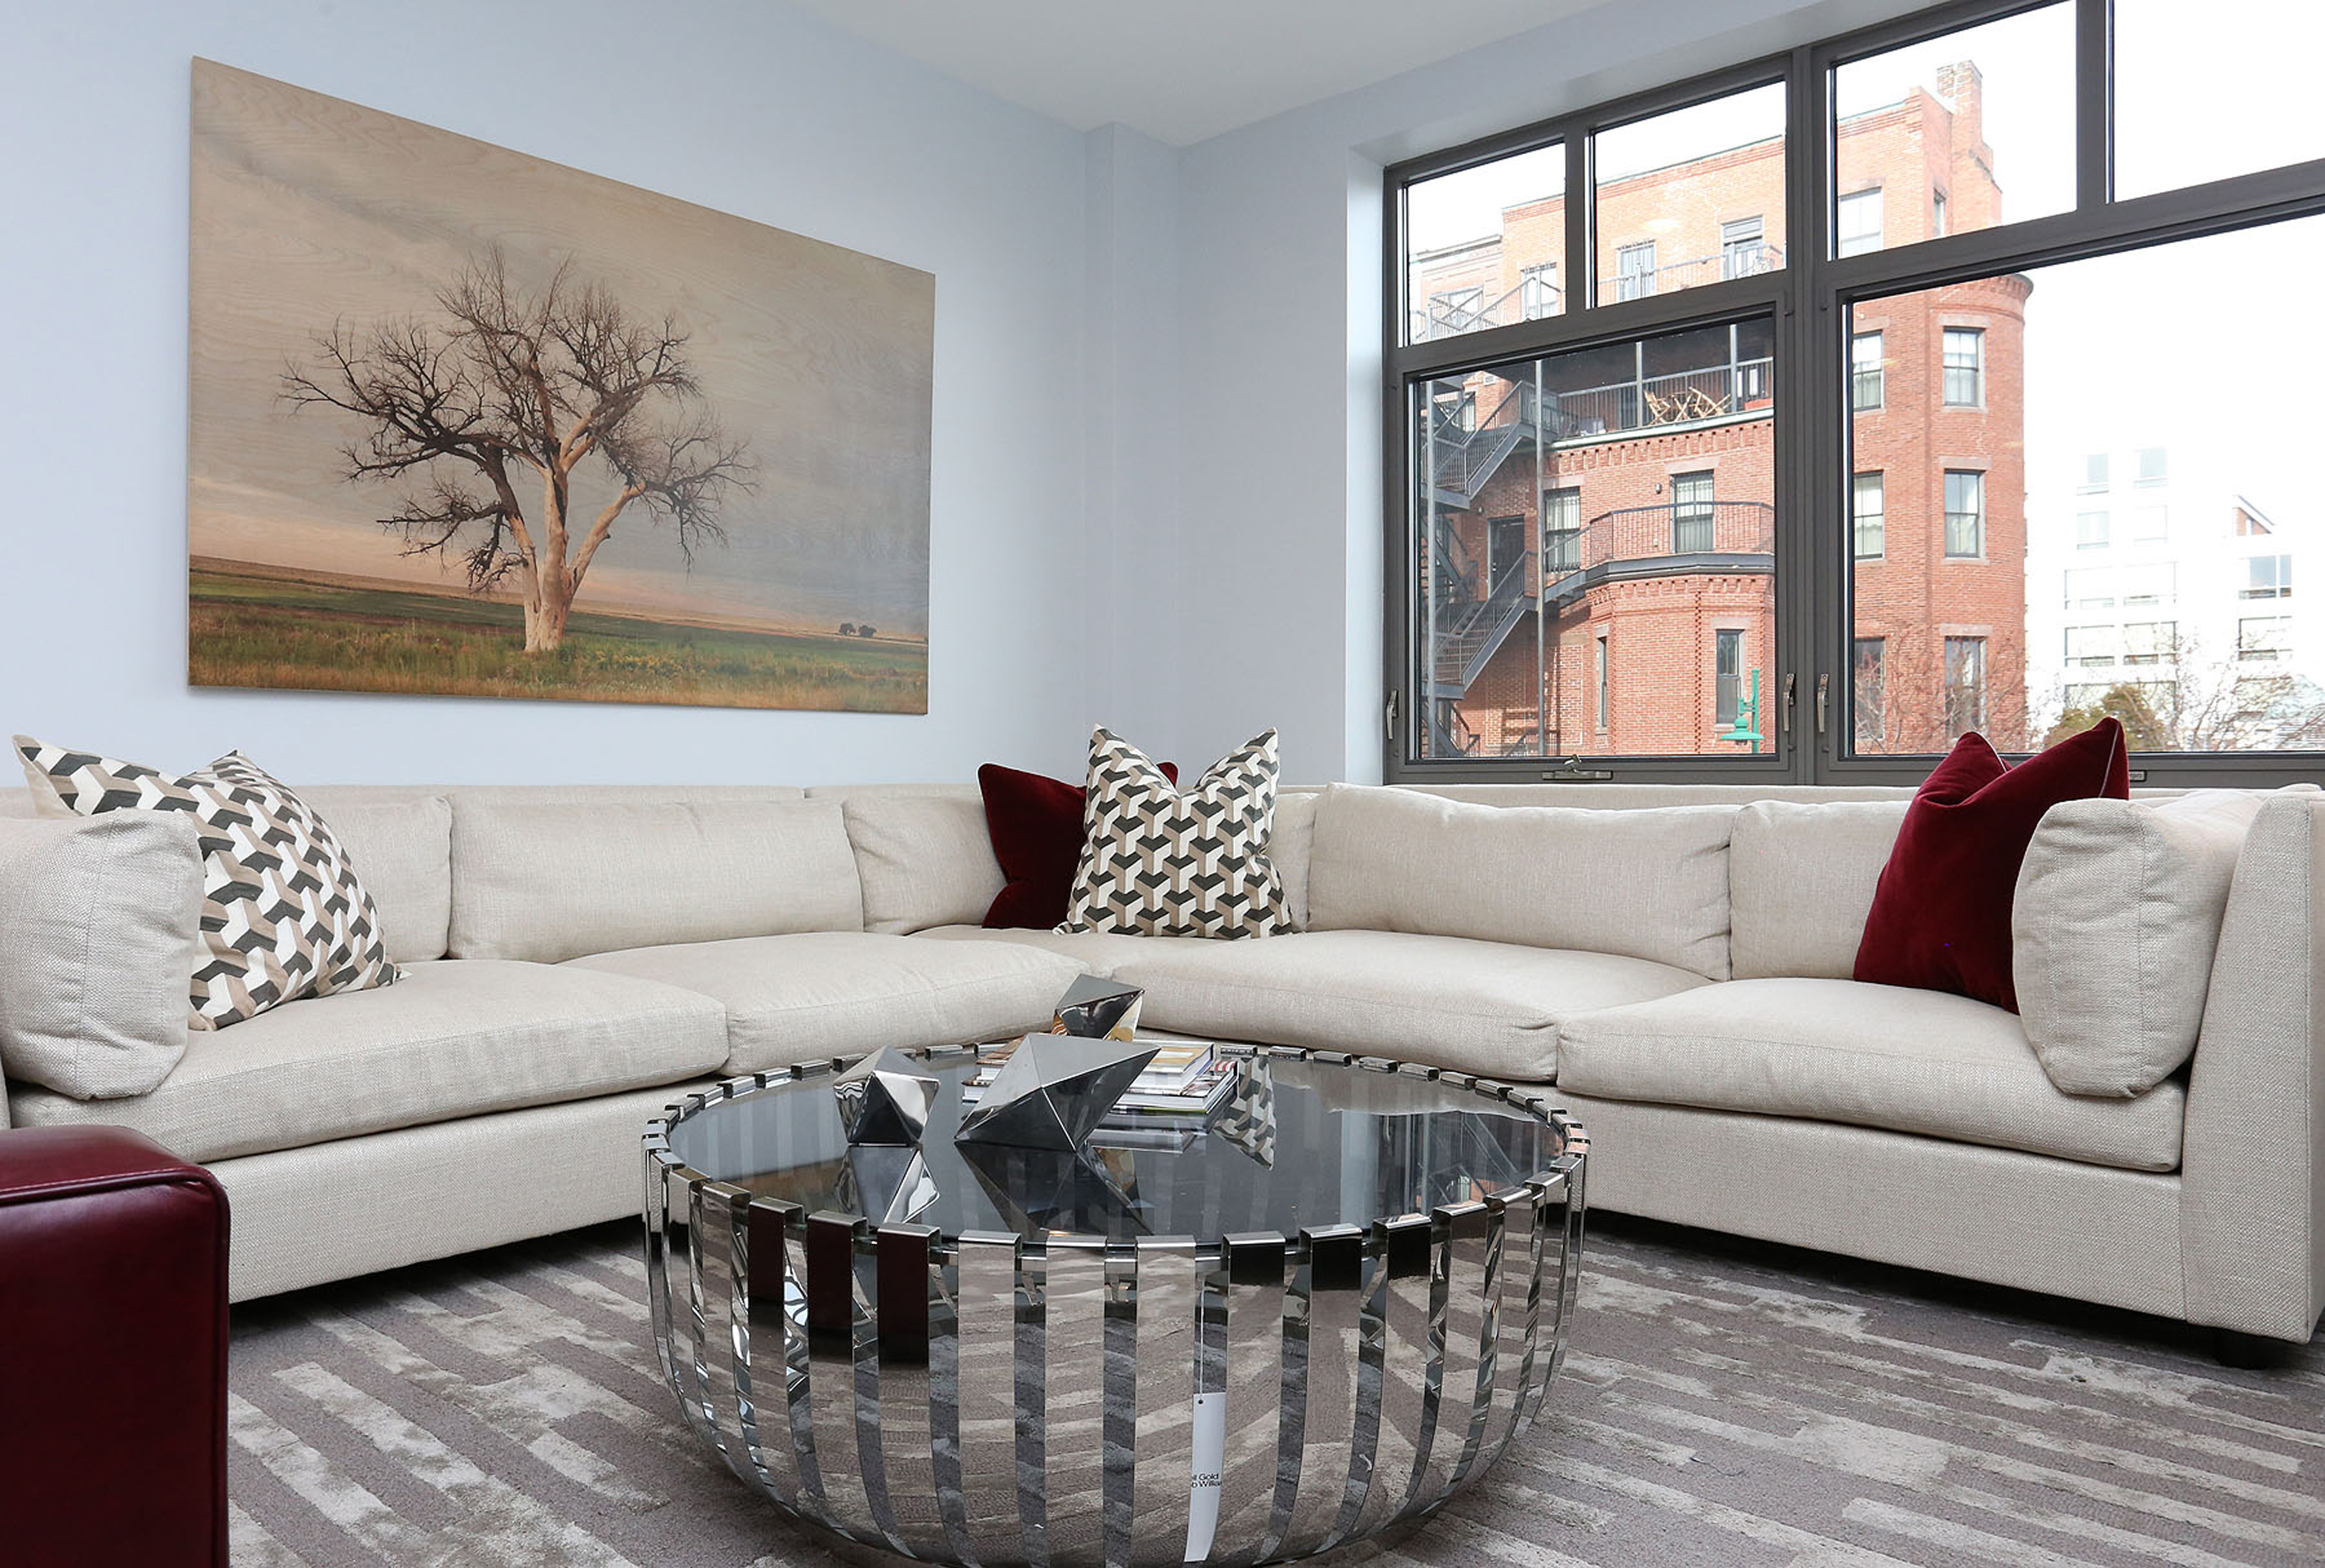 Частный односемейный дом для того Продажа на 150 Dorchester 150 Dorchester Ave 510 Boston, Массачусетс, 02127 Соединенные Штаты